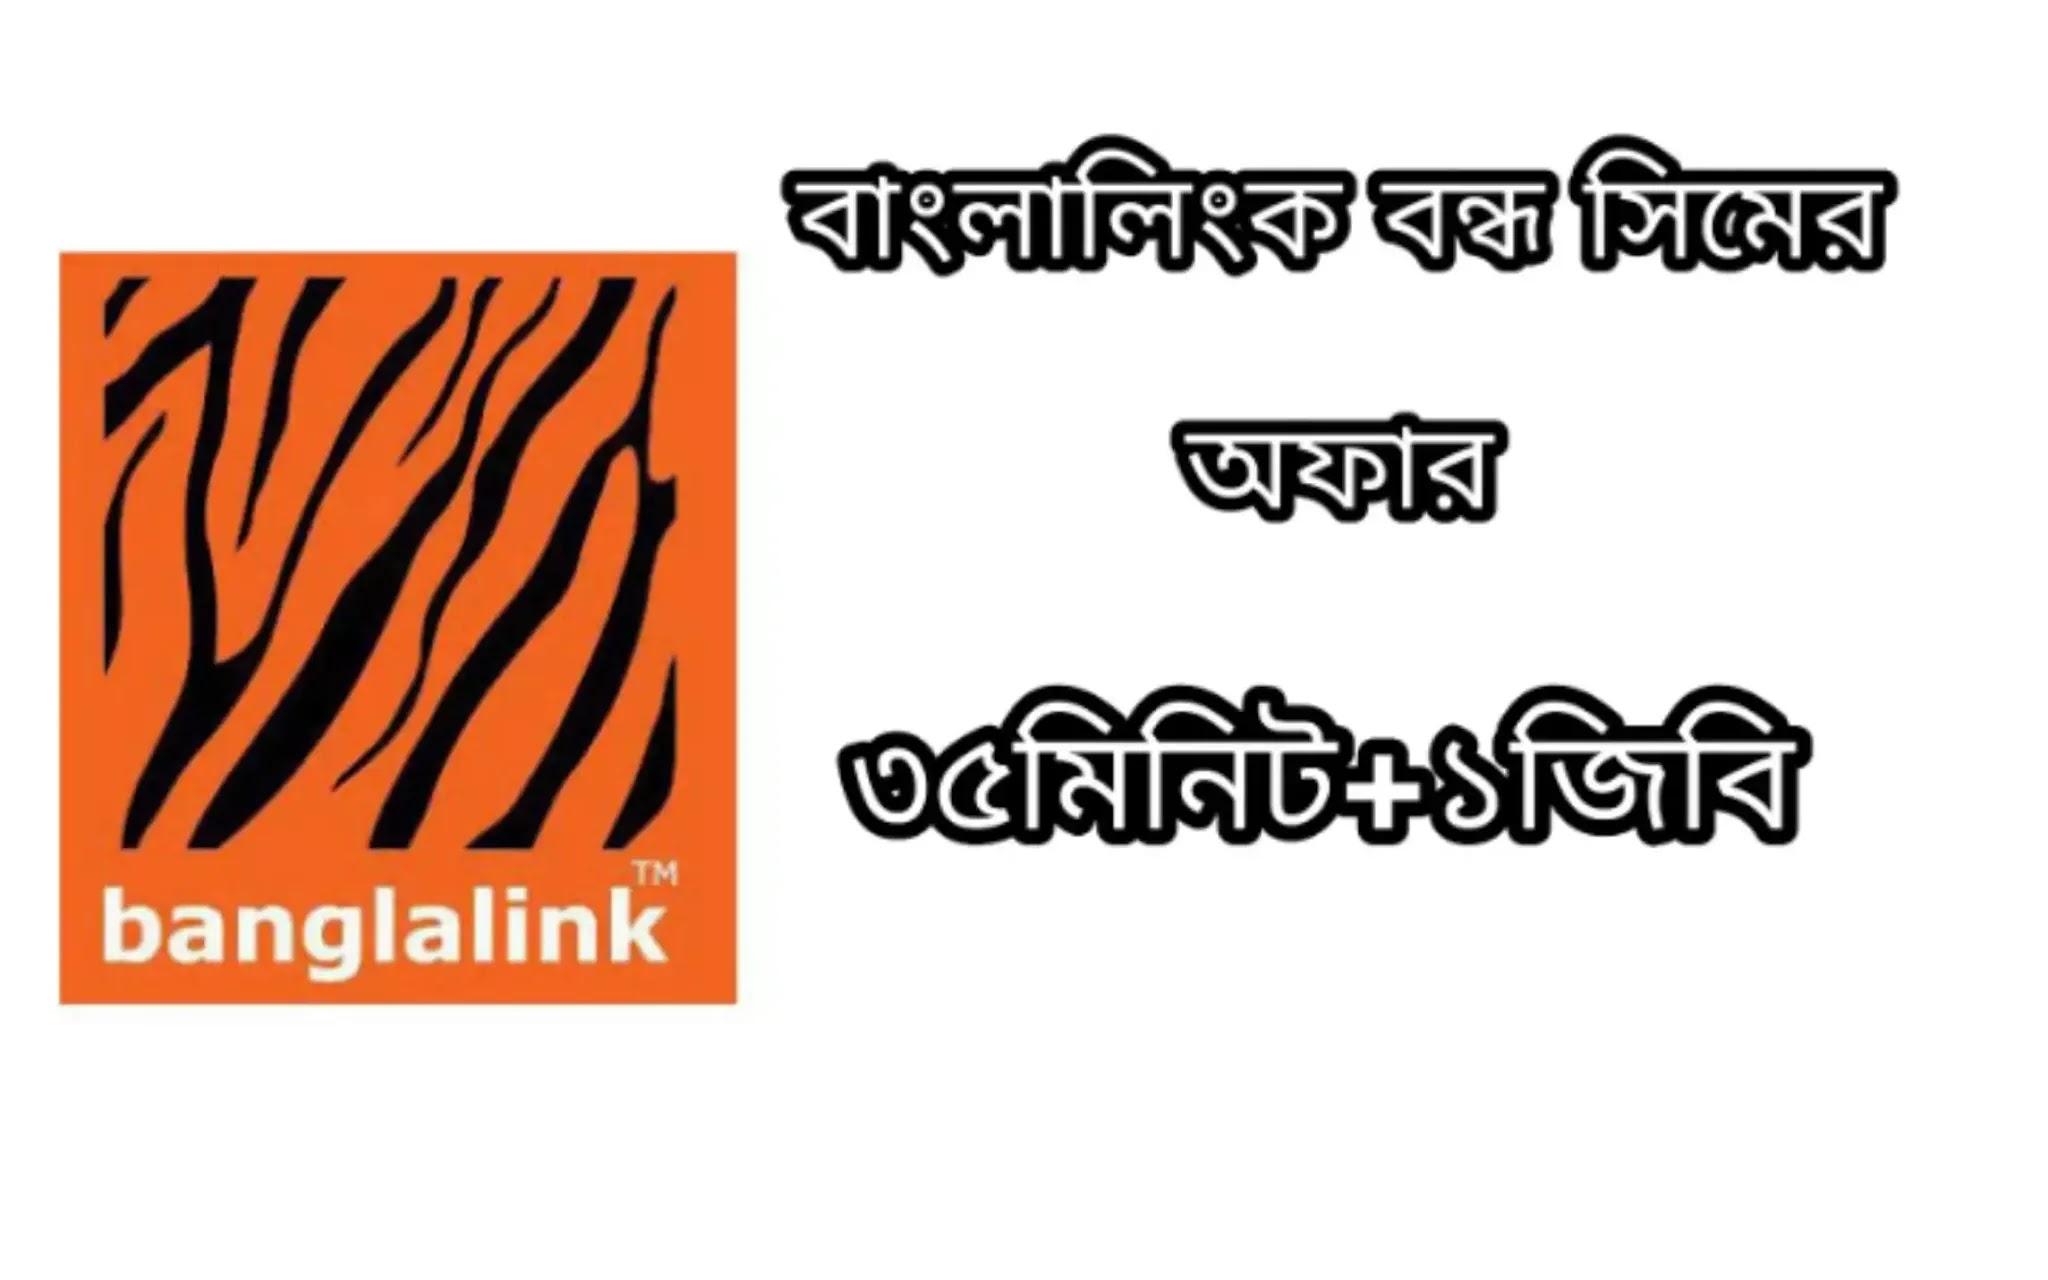 বাংলালিংক বন্ধ সিম অফার, ৪৯ টাকায় ৩ জিবি, ৩৫ মিনিট + ১ জিবি,